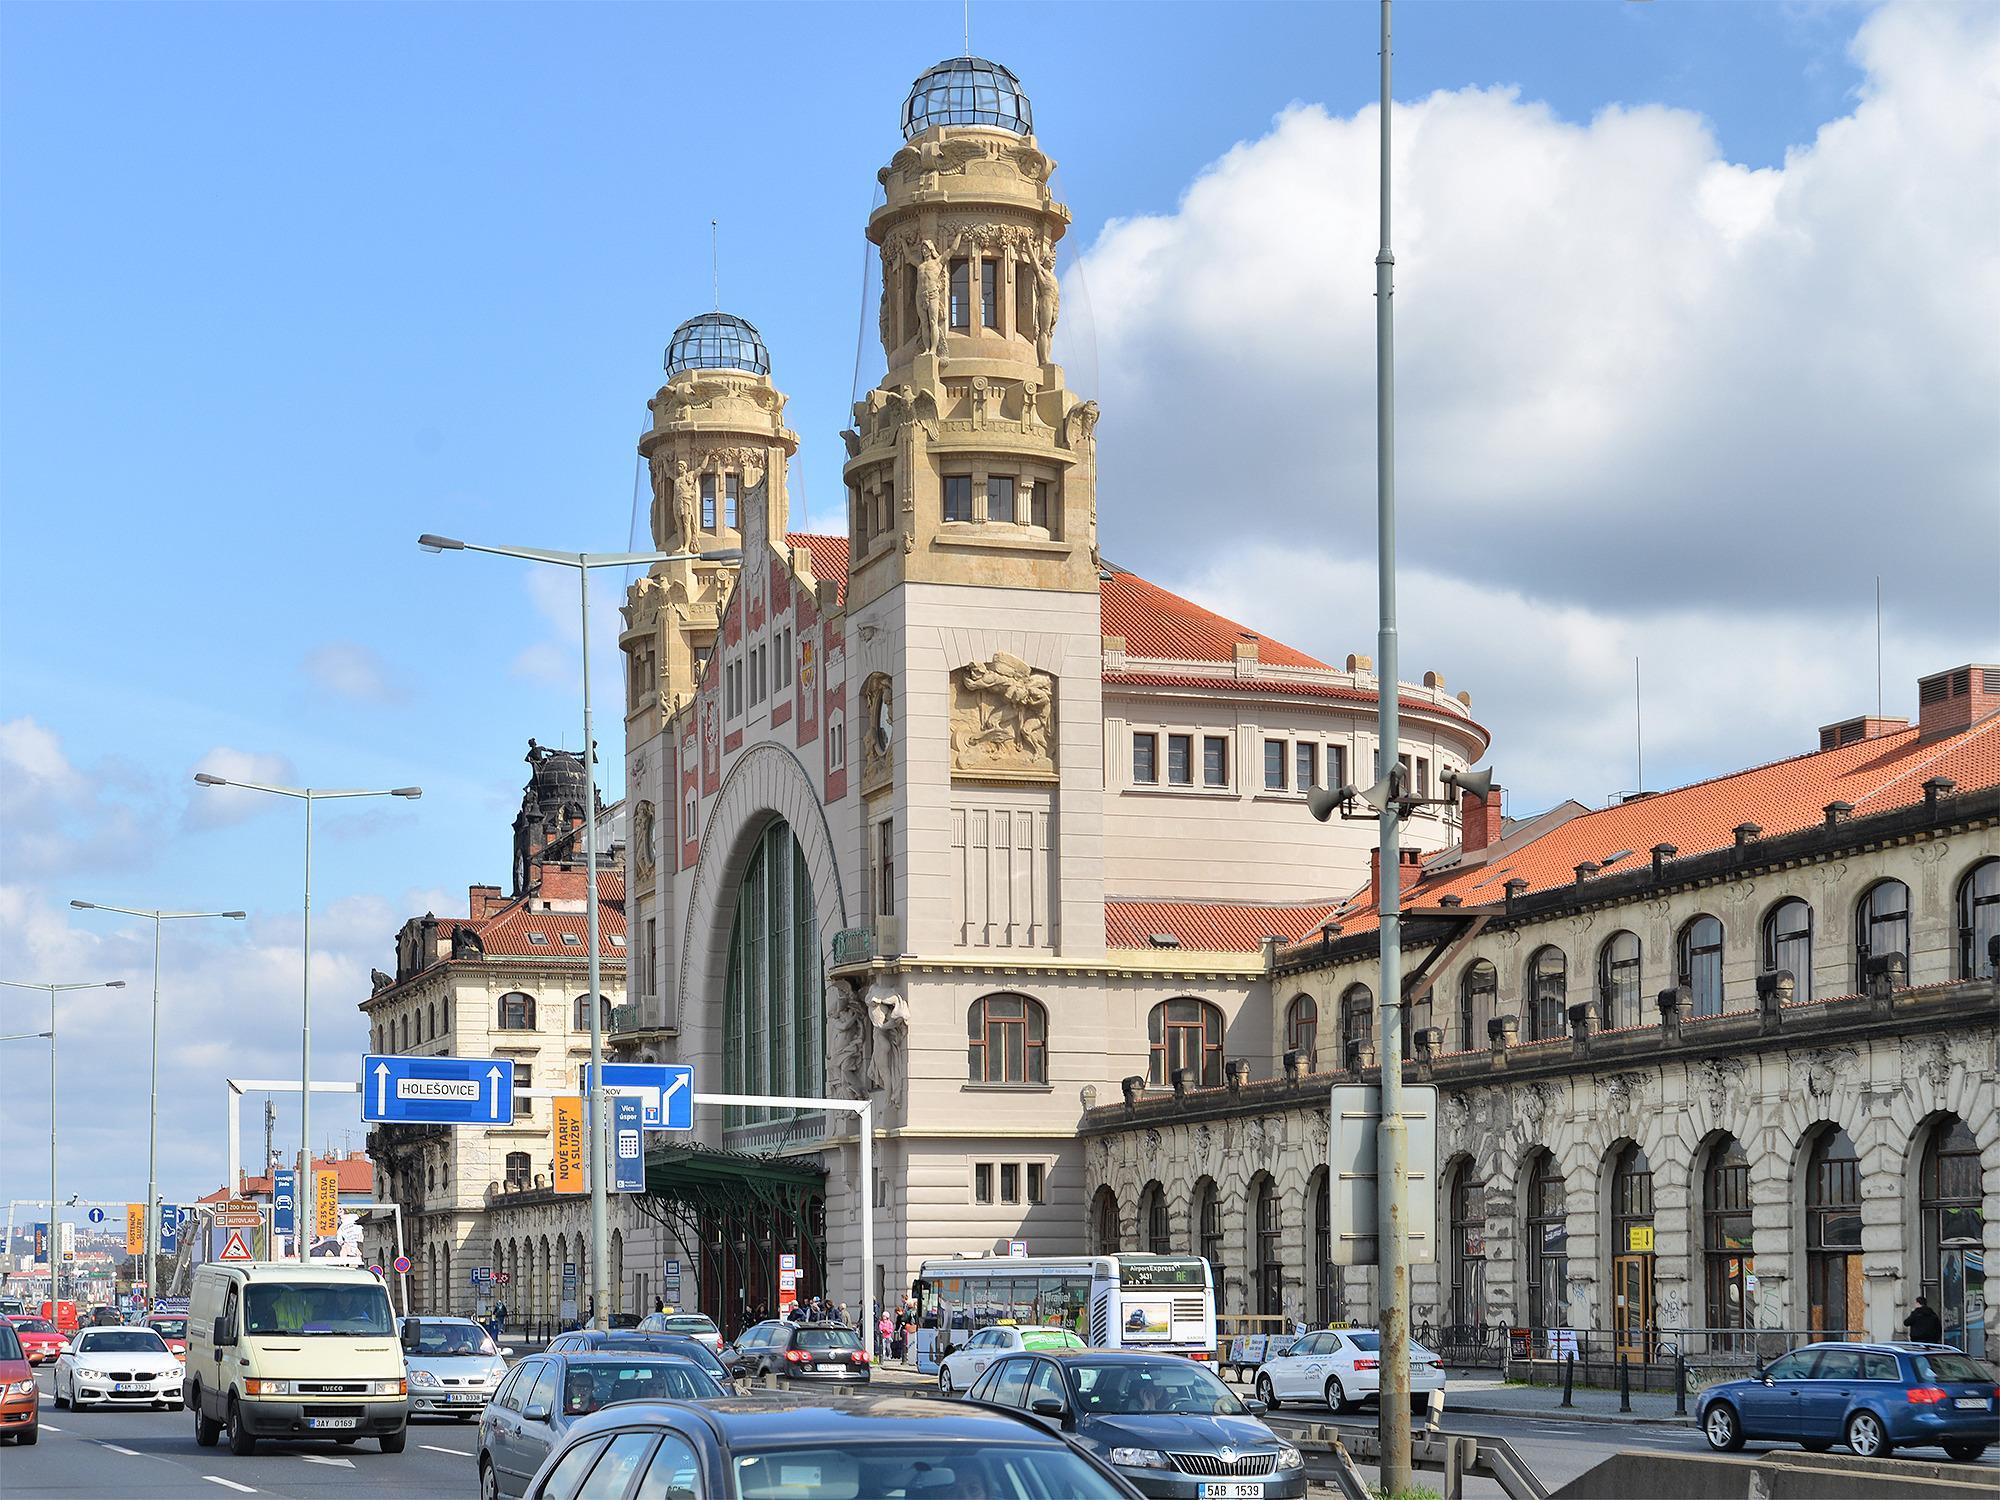 Старое здание Центрального железнодорожного вокзала Праги, Прага, Чехия